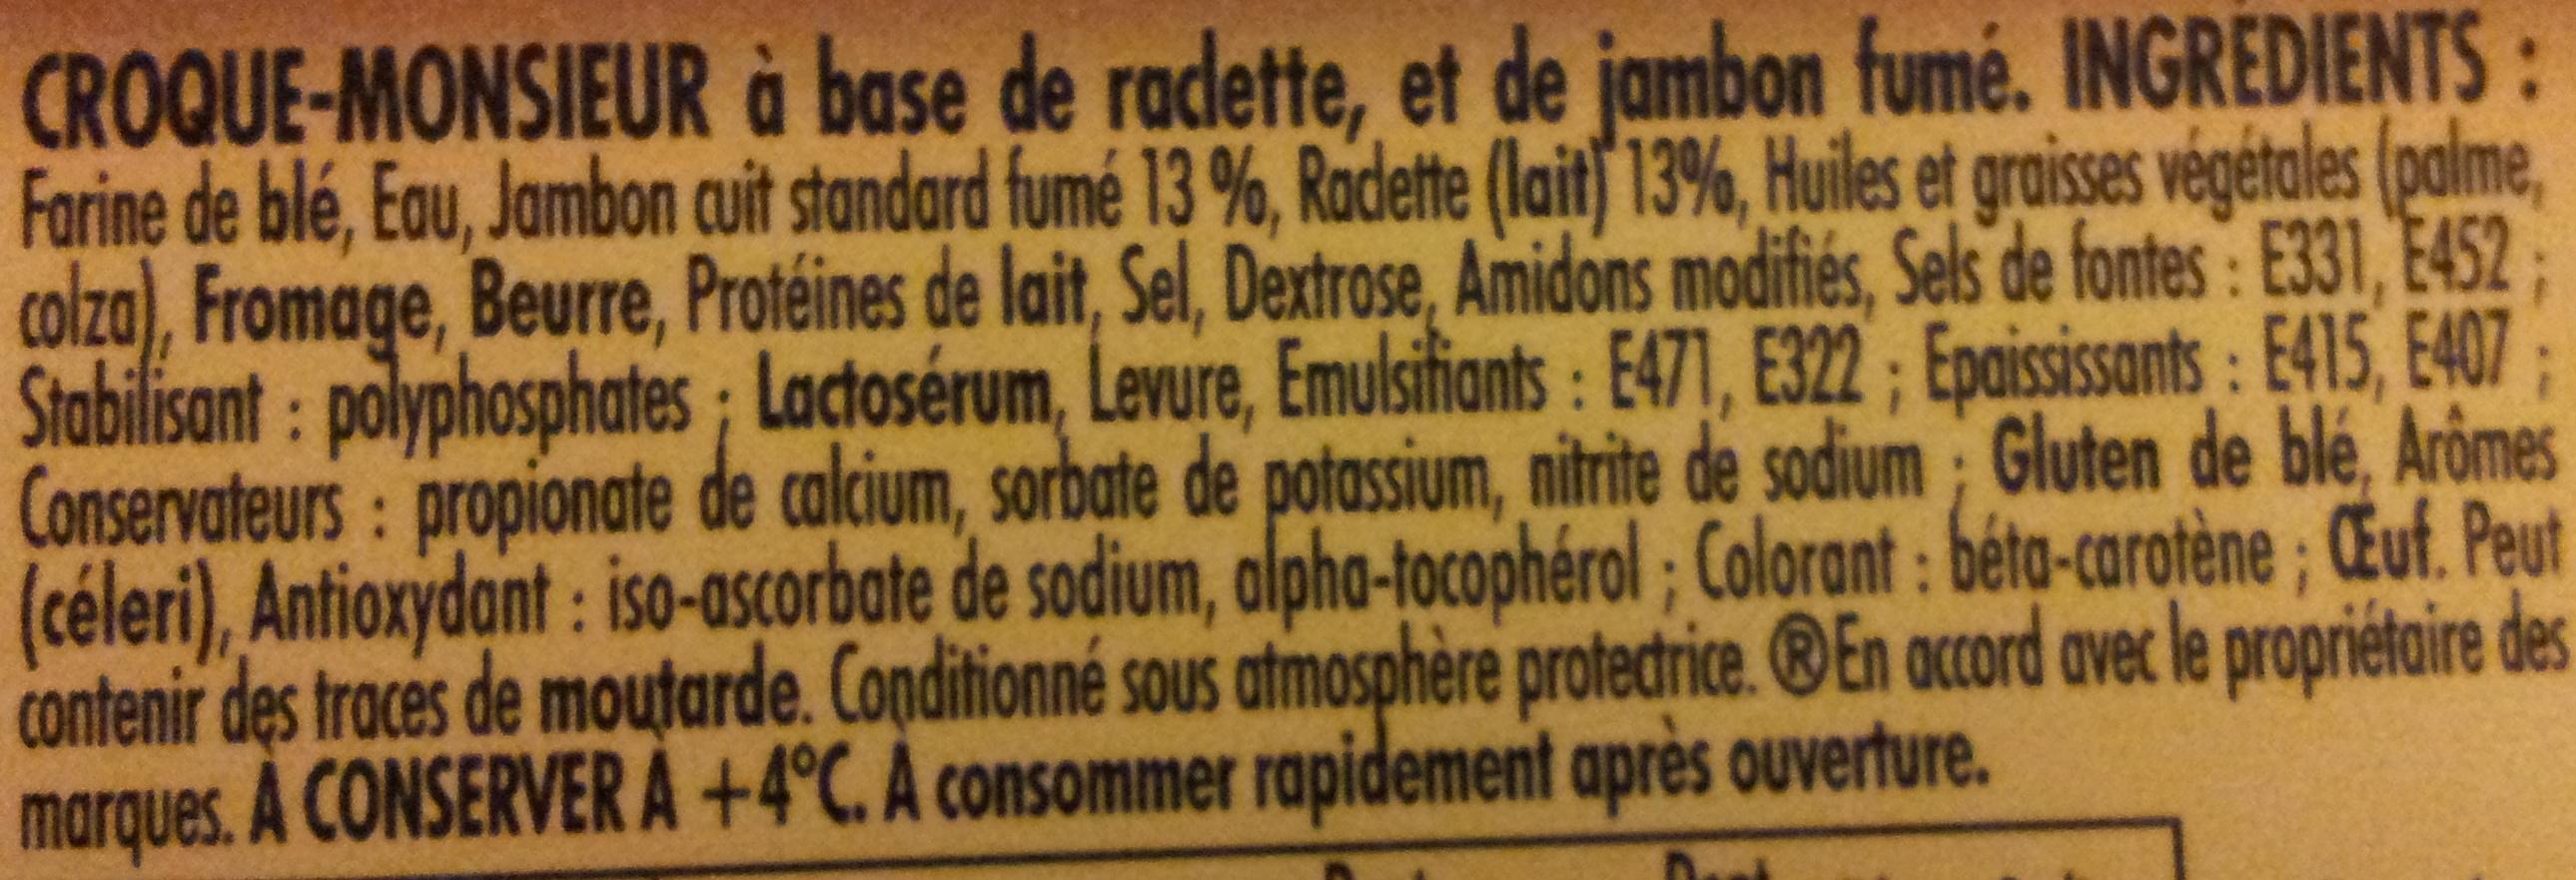 Tendre Croque, Montagnard (Fromage à raclette & Jambon fumé) - Ingrédients - fr